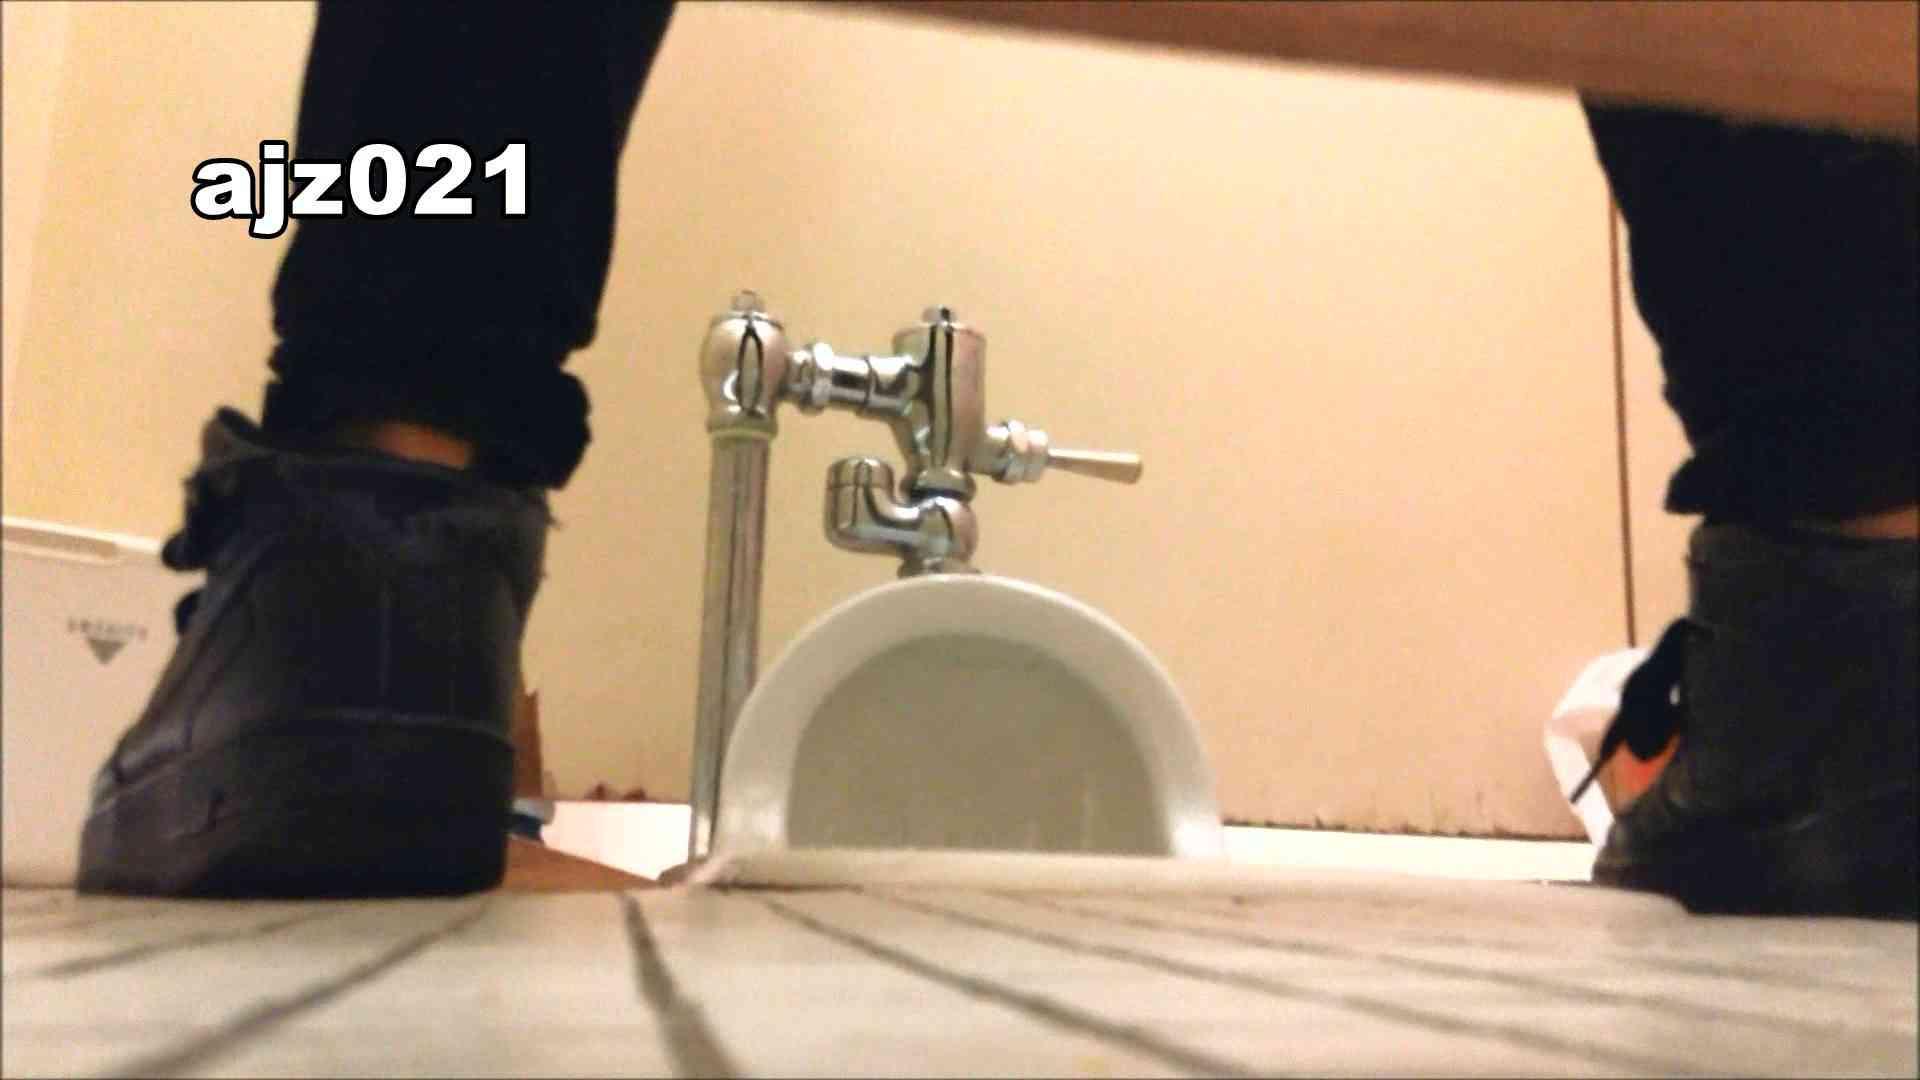 某有名大学女性洗面所 vol.21 排泄 AV無料動画キャプチャ 81画像 23